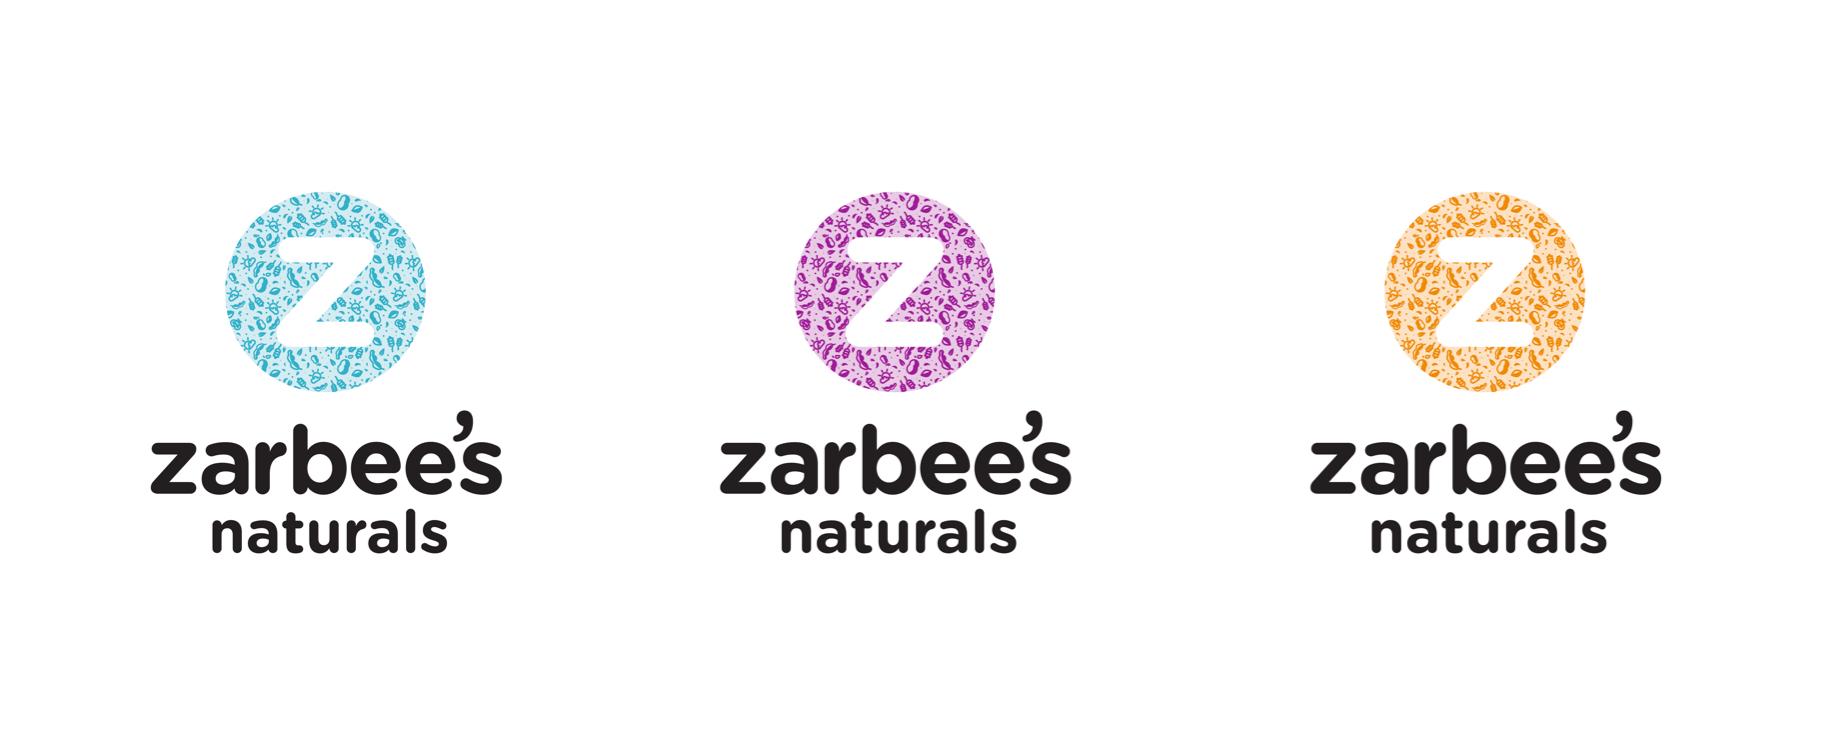 Zarbee's Naturals ingredient inspired logo designs